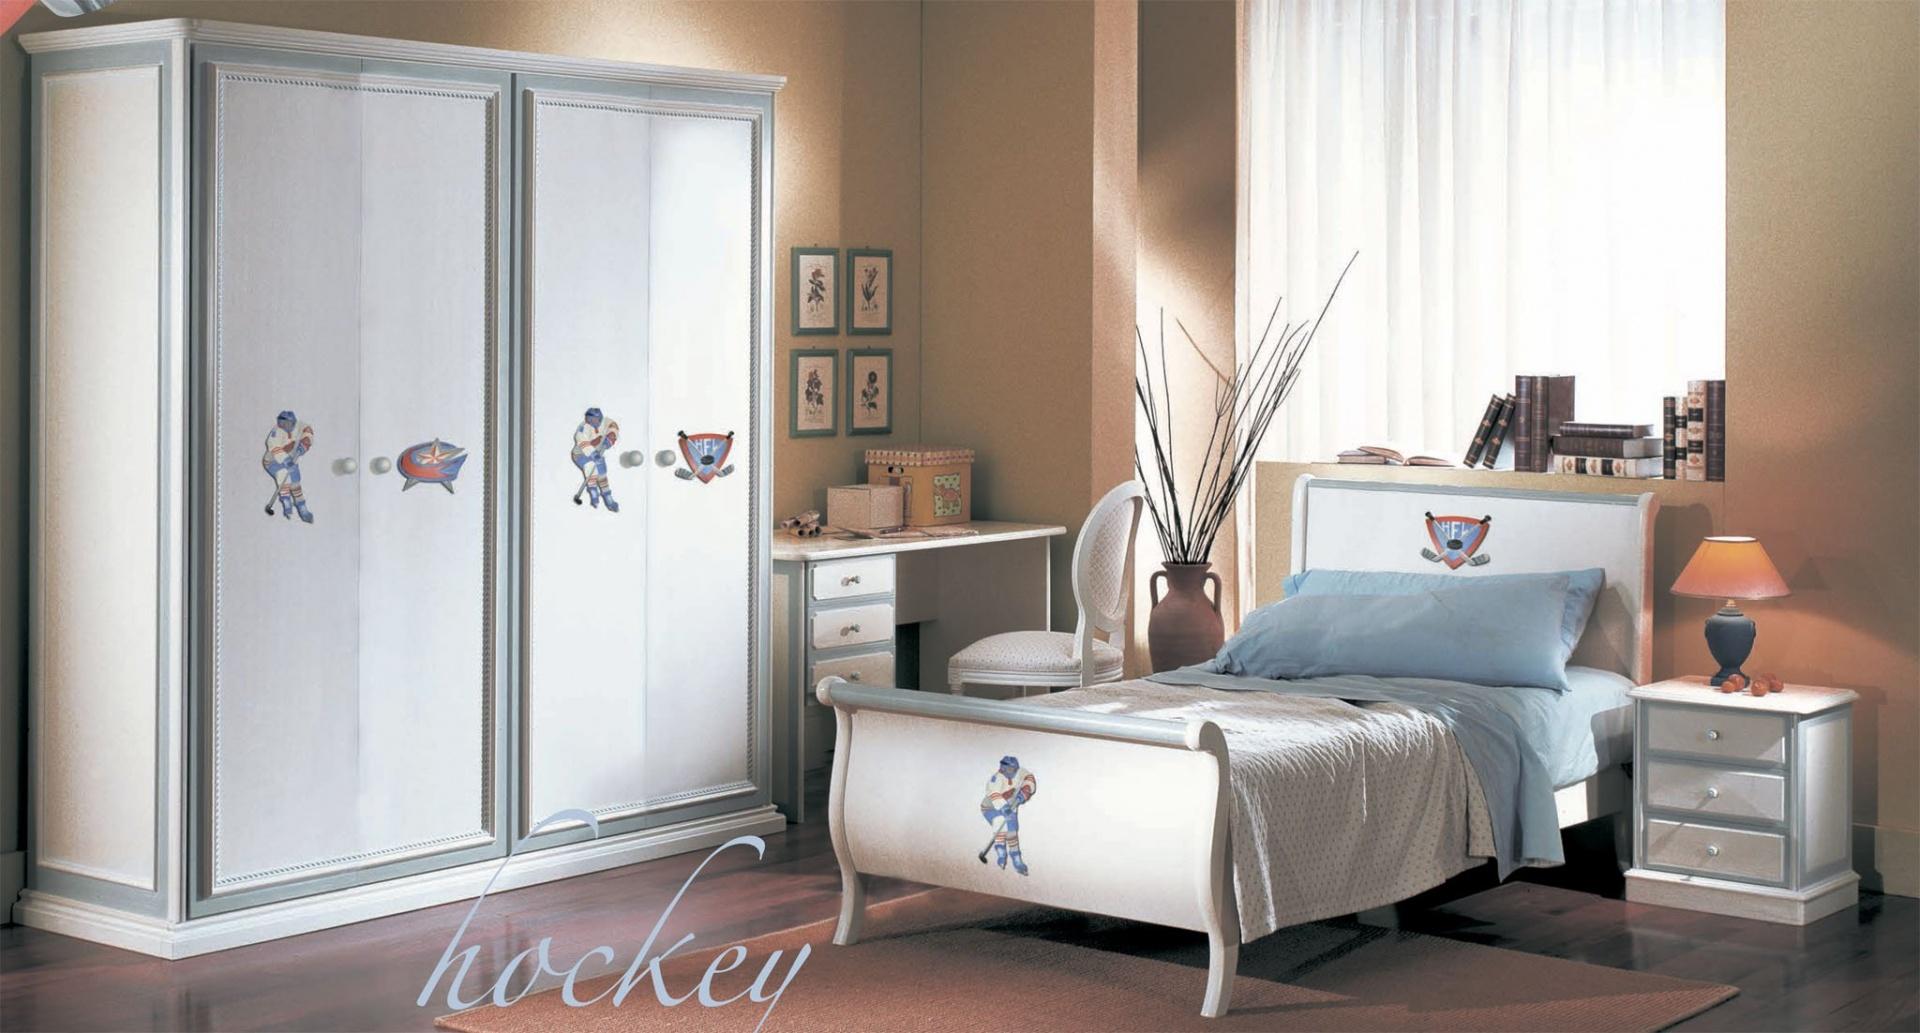 HOCKEY мебель для детской IM89